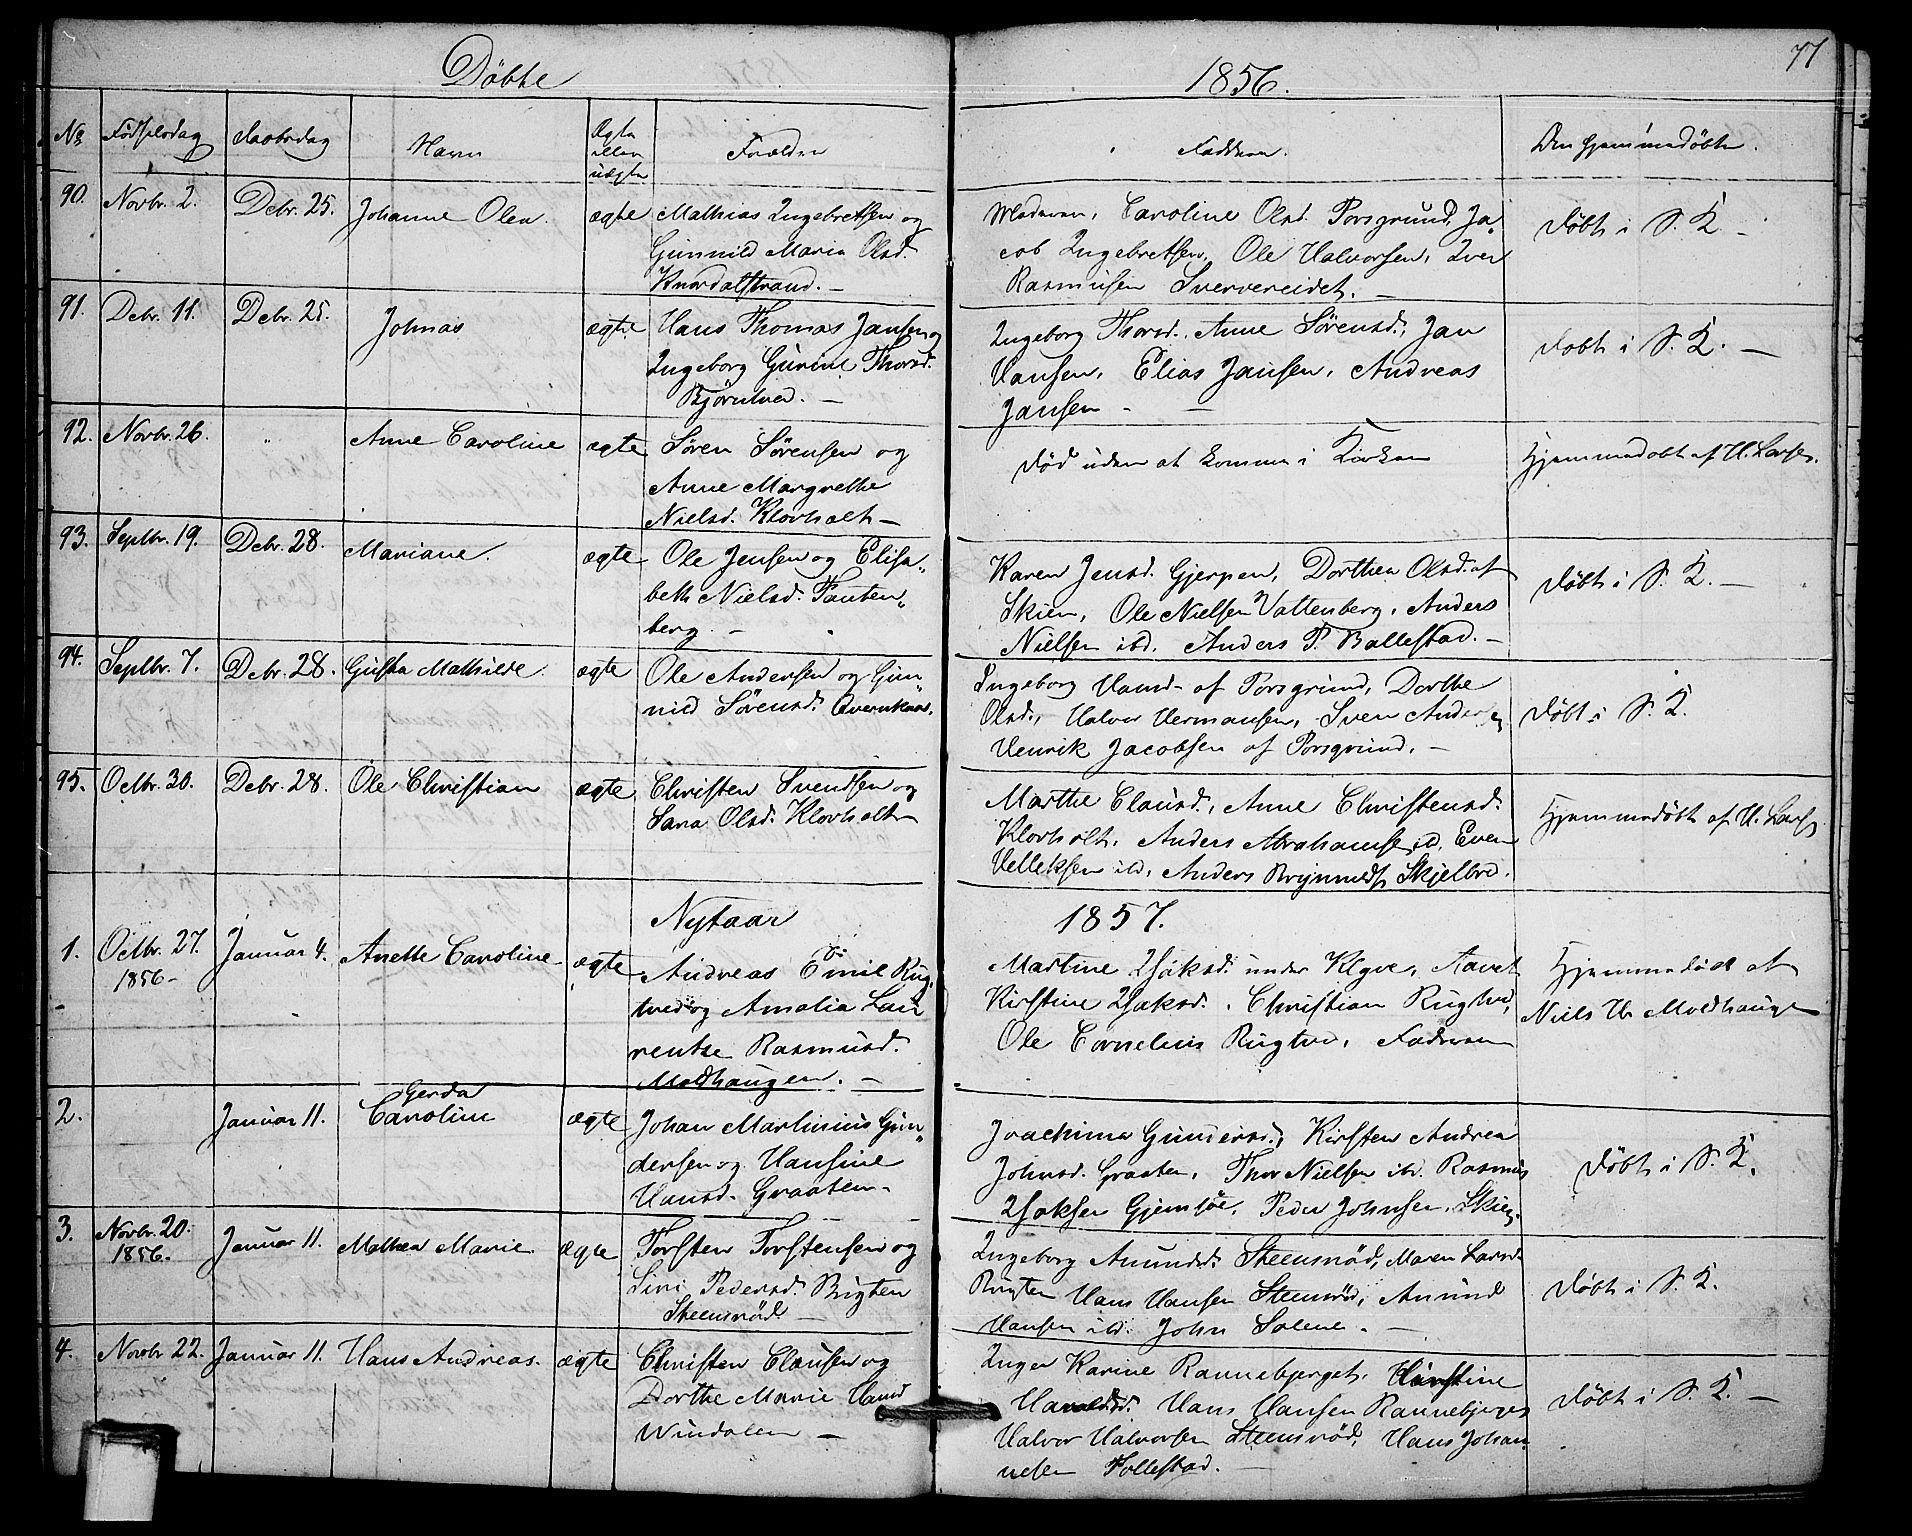 SAKO, Solum kirkebøker, G/Ga/L0003: Klokkerbok nr. I 3, 1848-1859, s. 77